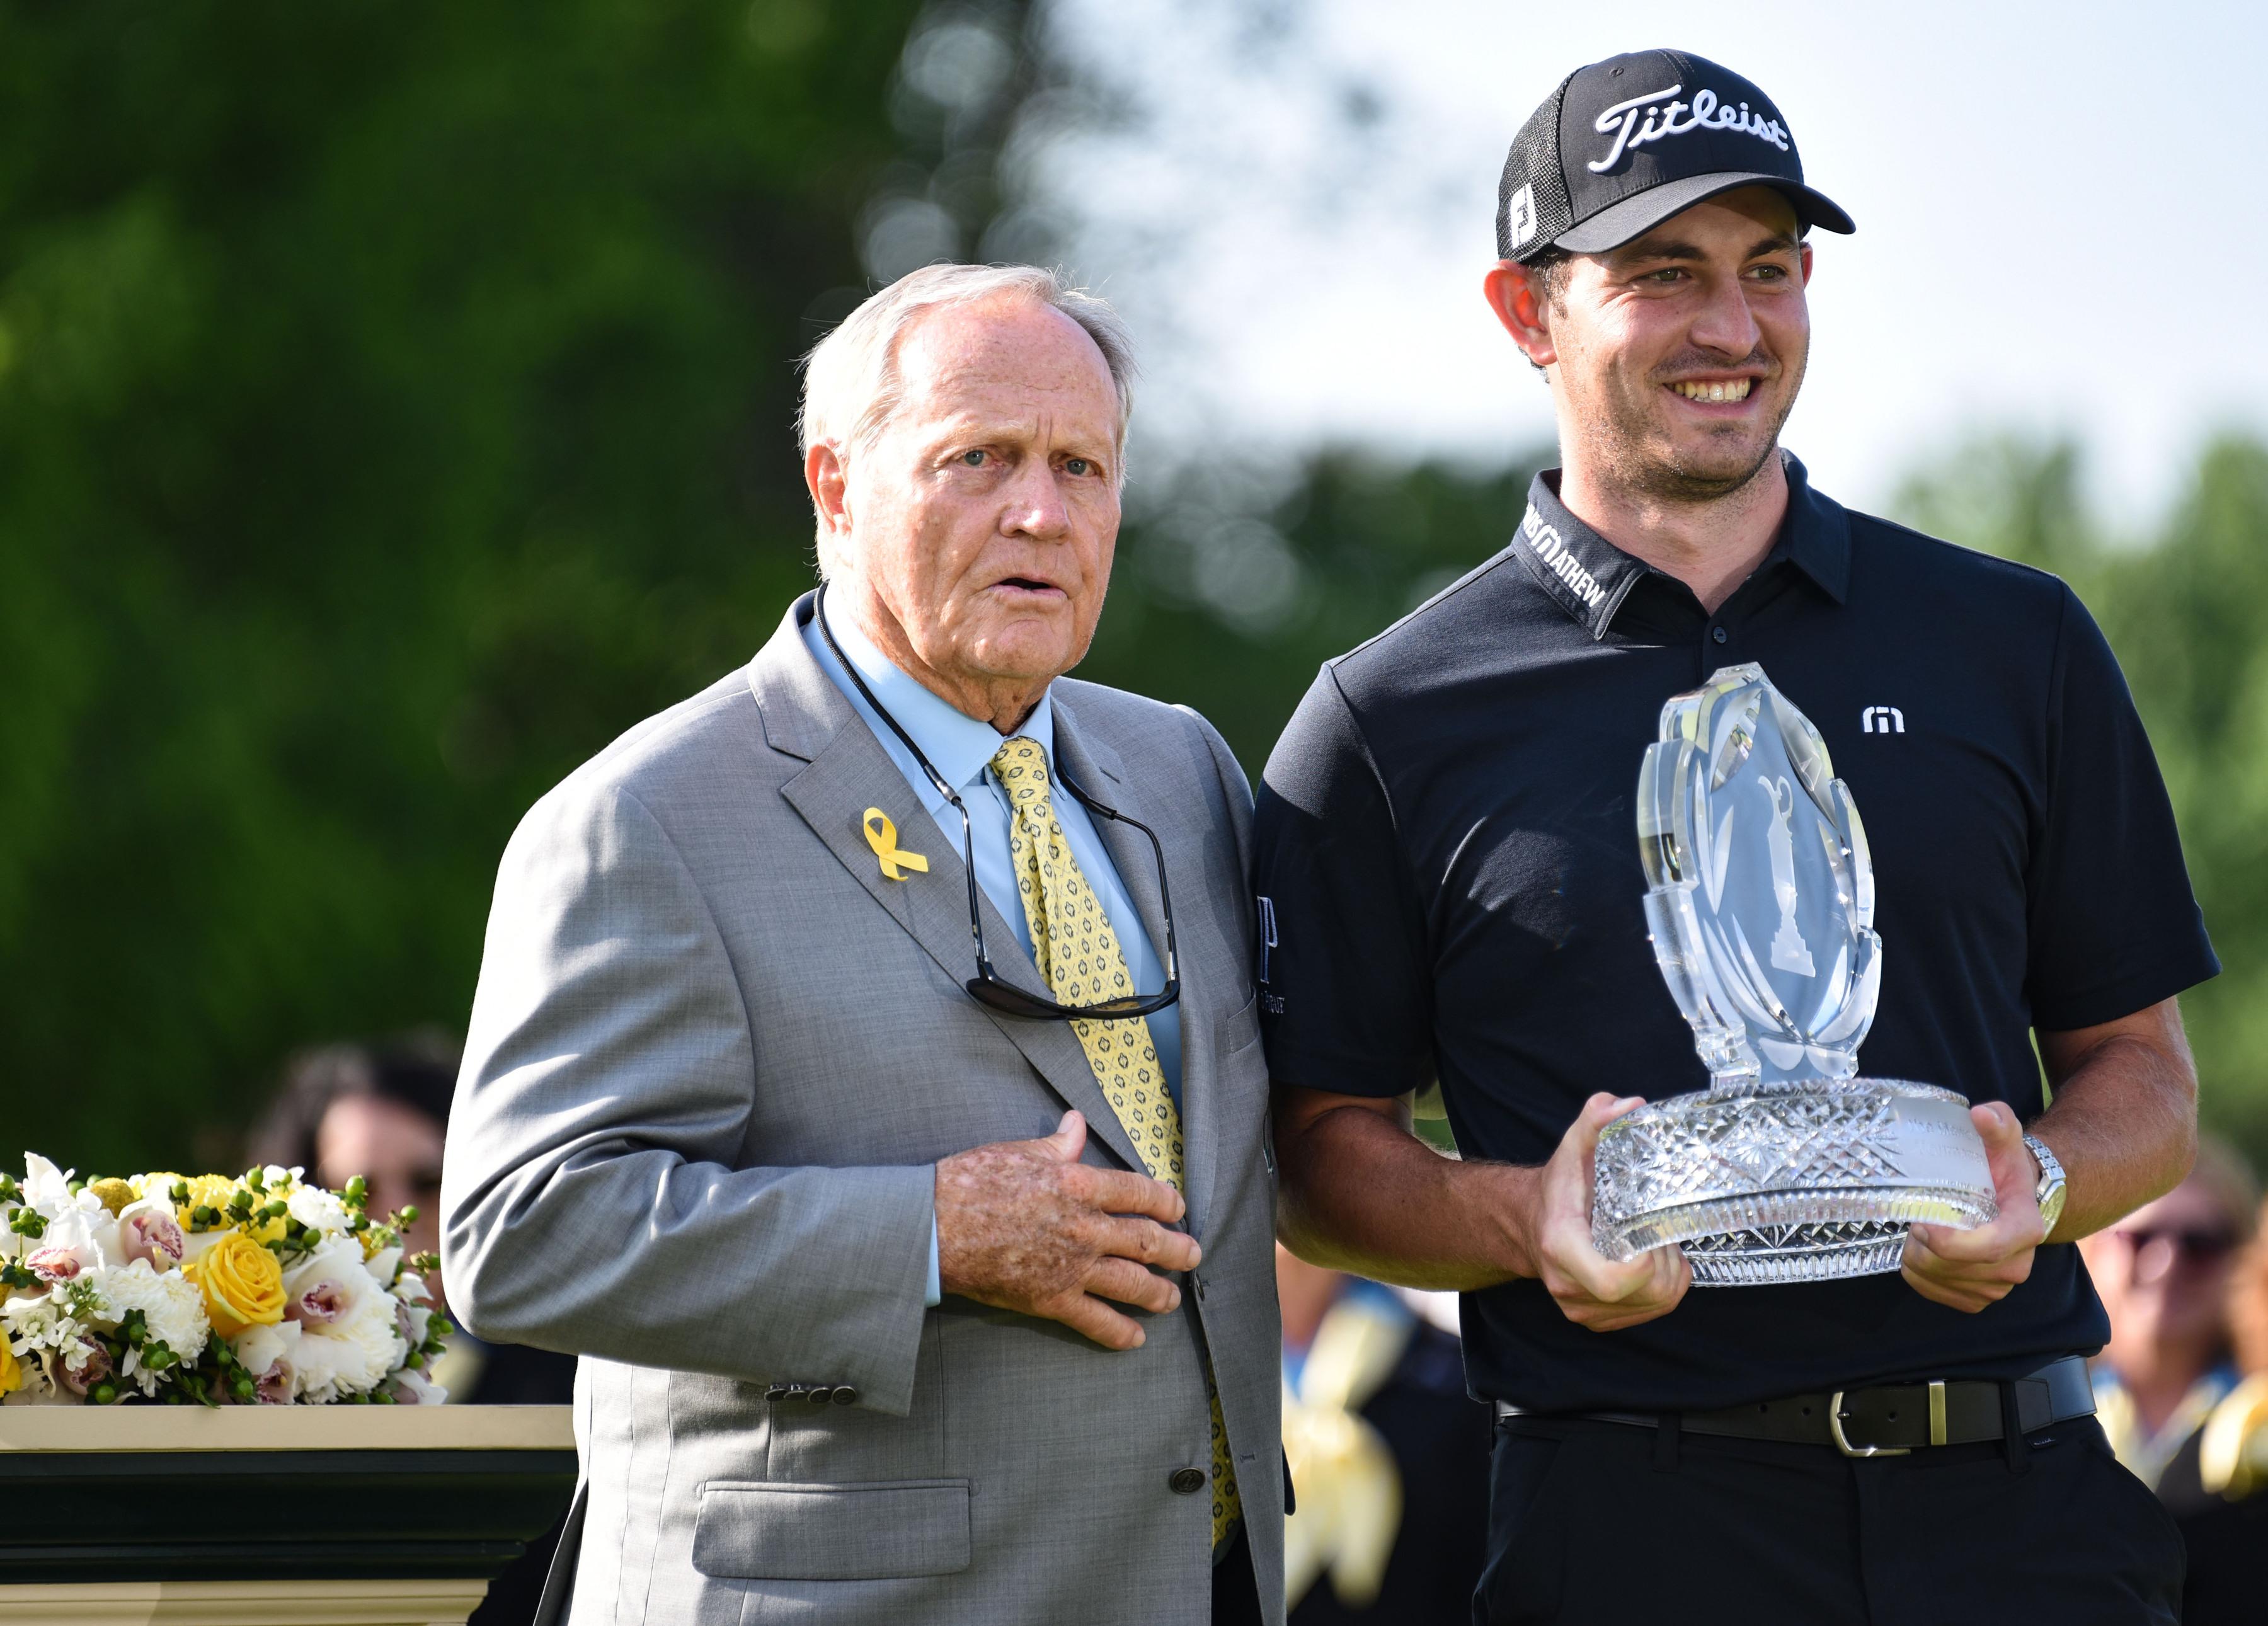 Golf - Tour américain - Memorial Tournament: un nouveau trophée pour Patrick Cantlay aux côtés de Jack Nicklaus